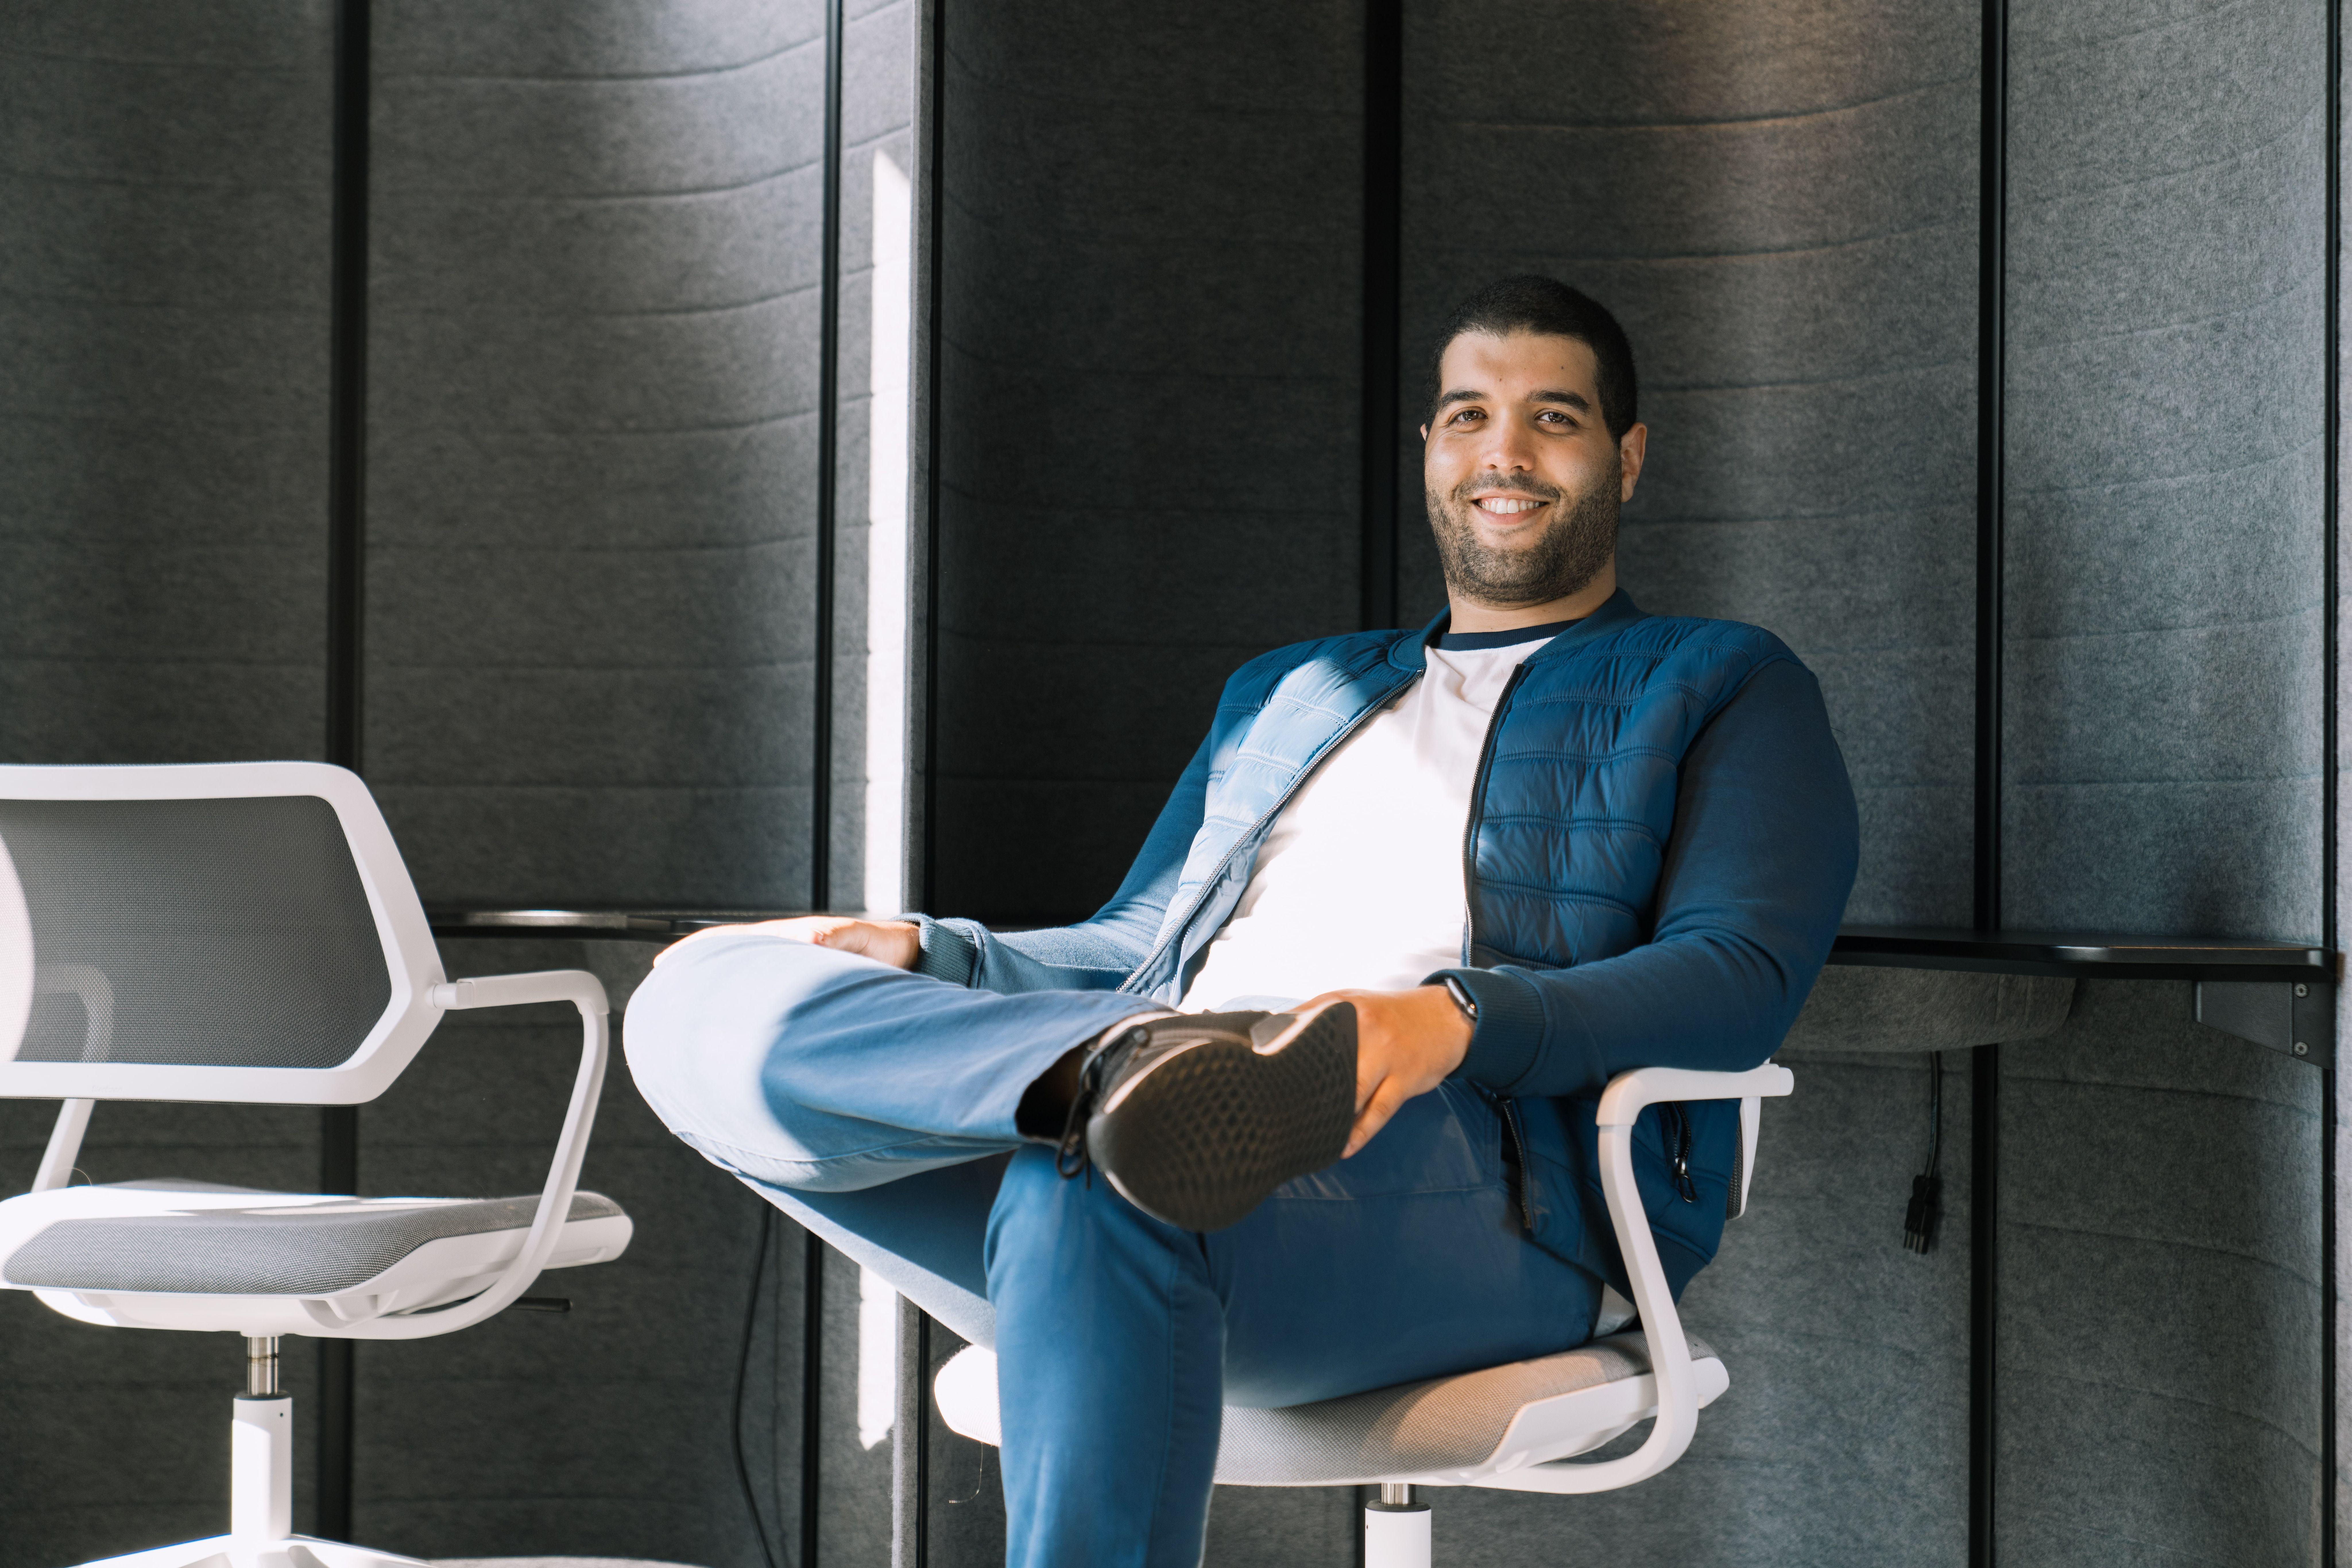 Haithem in the office